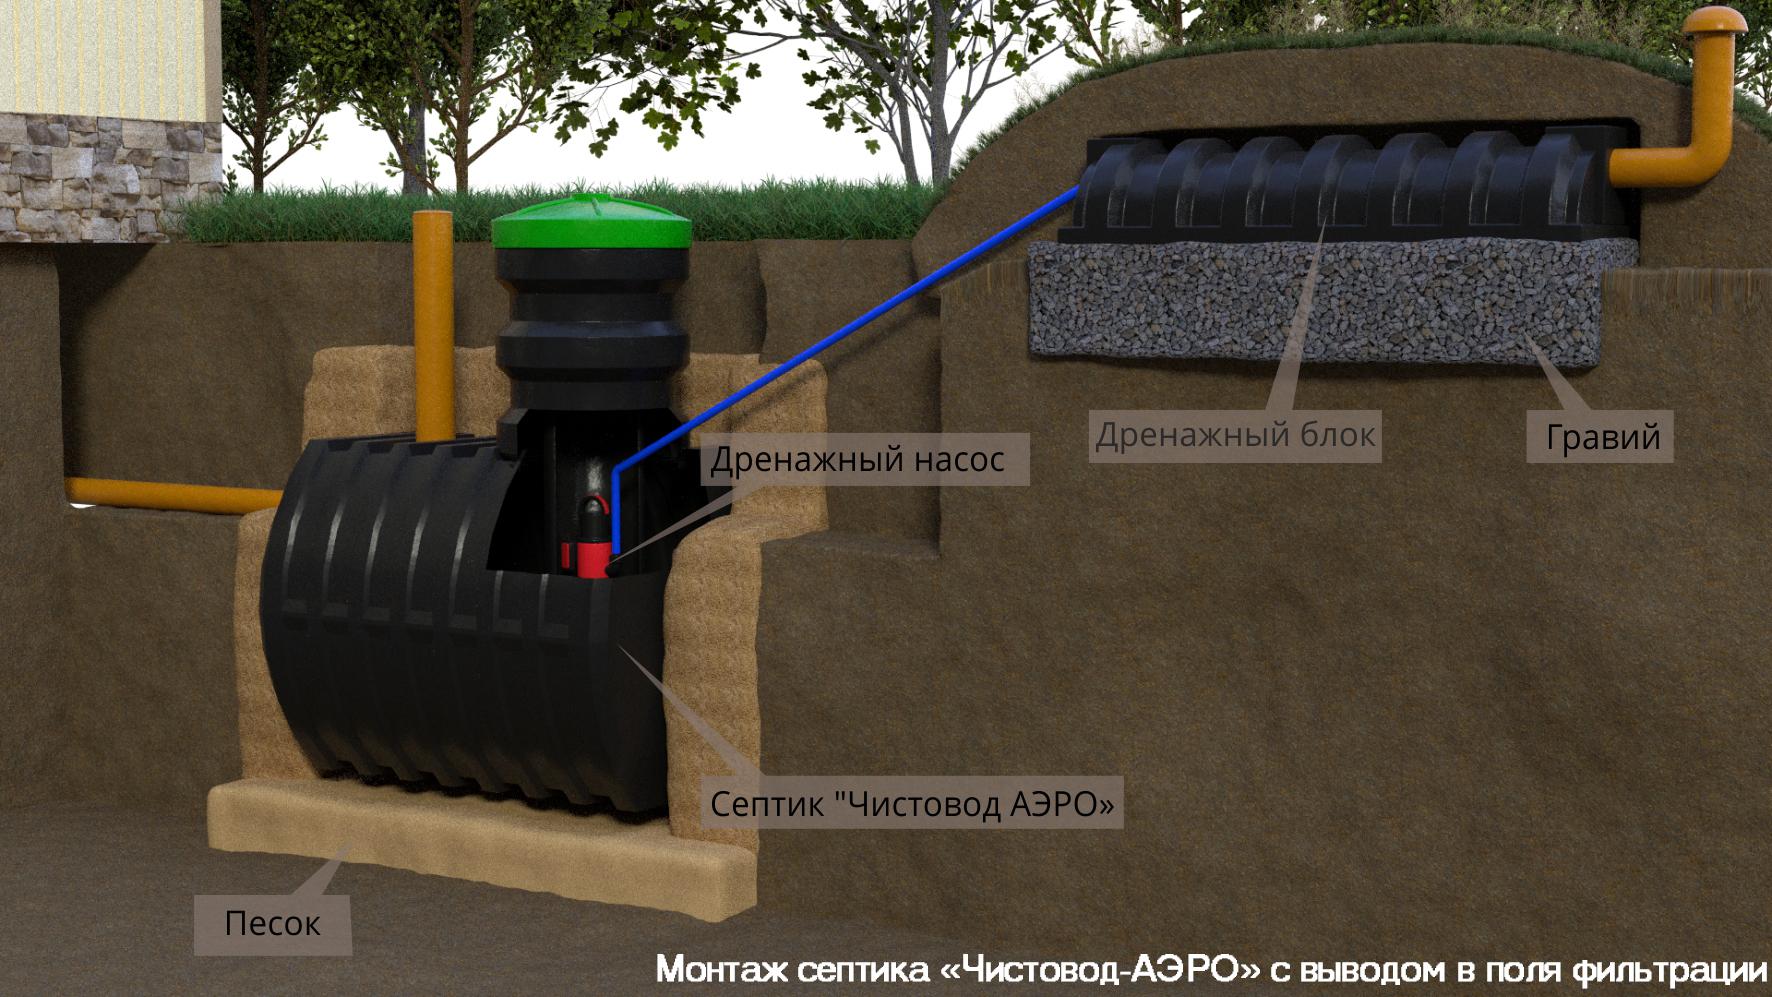 Поля фильтрации, тоннель - Монтаж септика «Чистовод-Аэро» с выводом в поля фильтрации